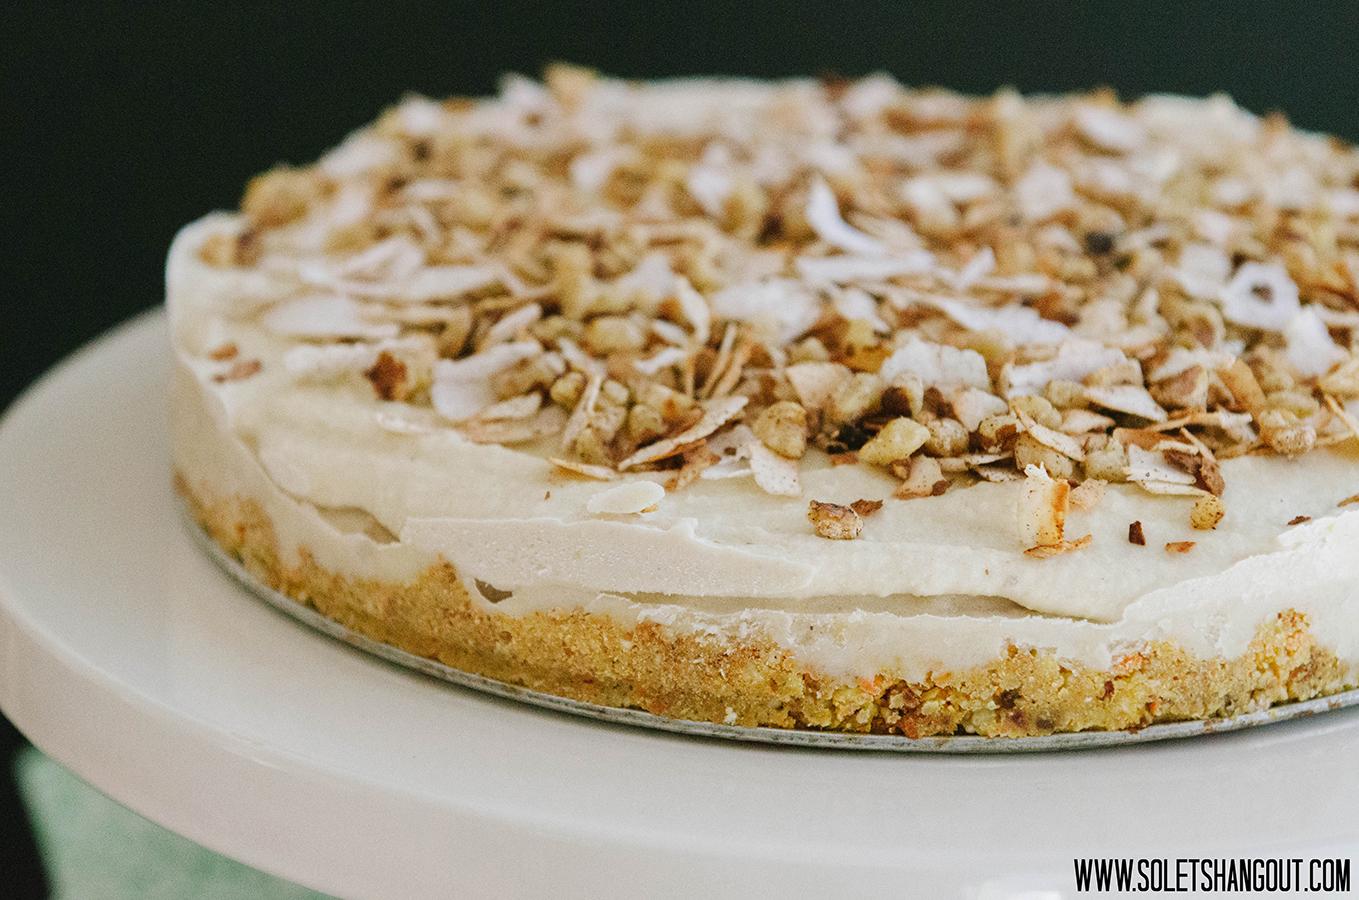 Banana Ice Cream Cake with Lemon Cheesecake Icing and Carrot Cake Crust #Raw #Paleo #Vegan #Gluten-Free}